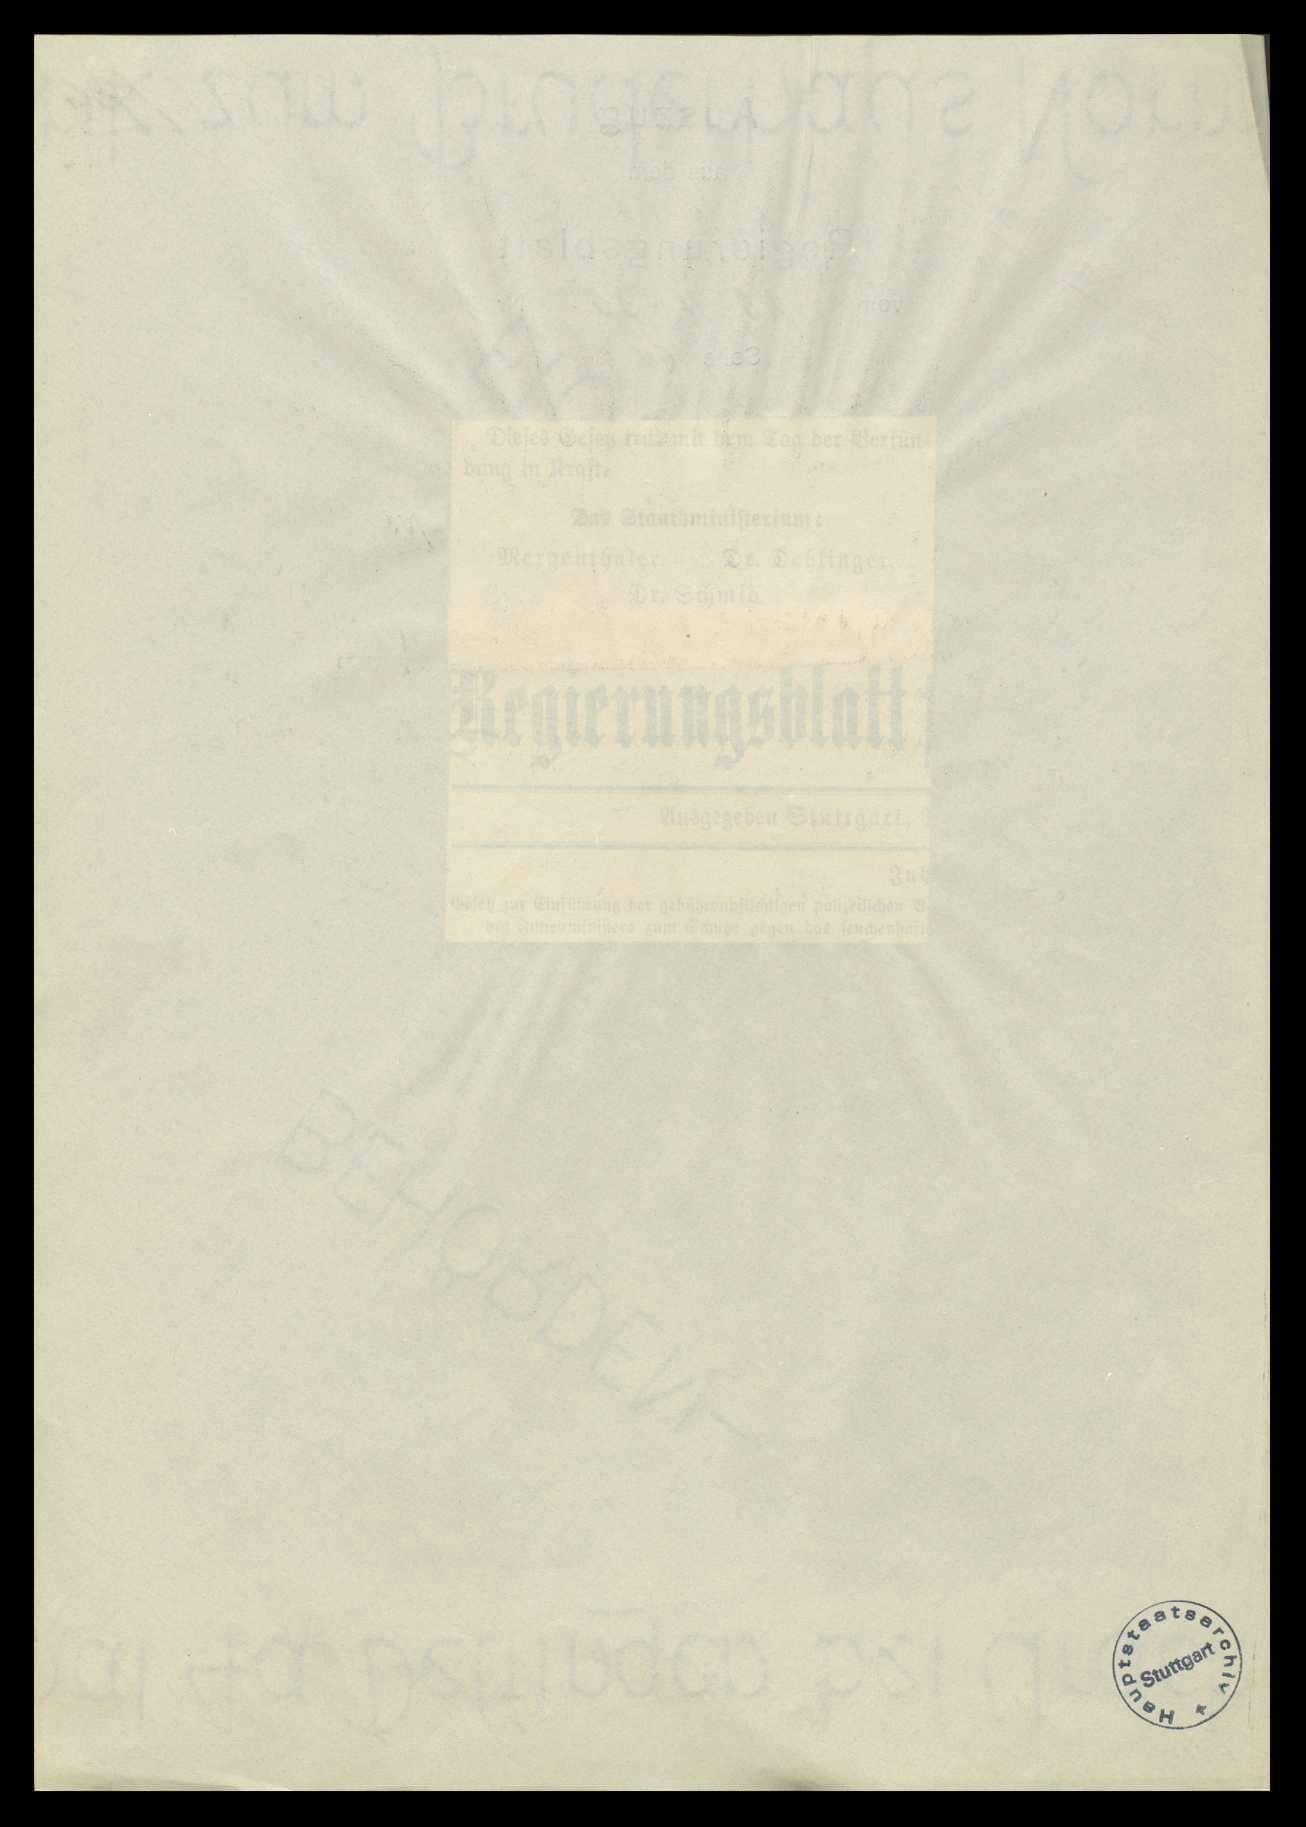 Öffentliche Ruhe, Ordnung und Sicherheit, Bild 2